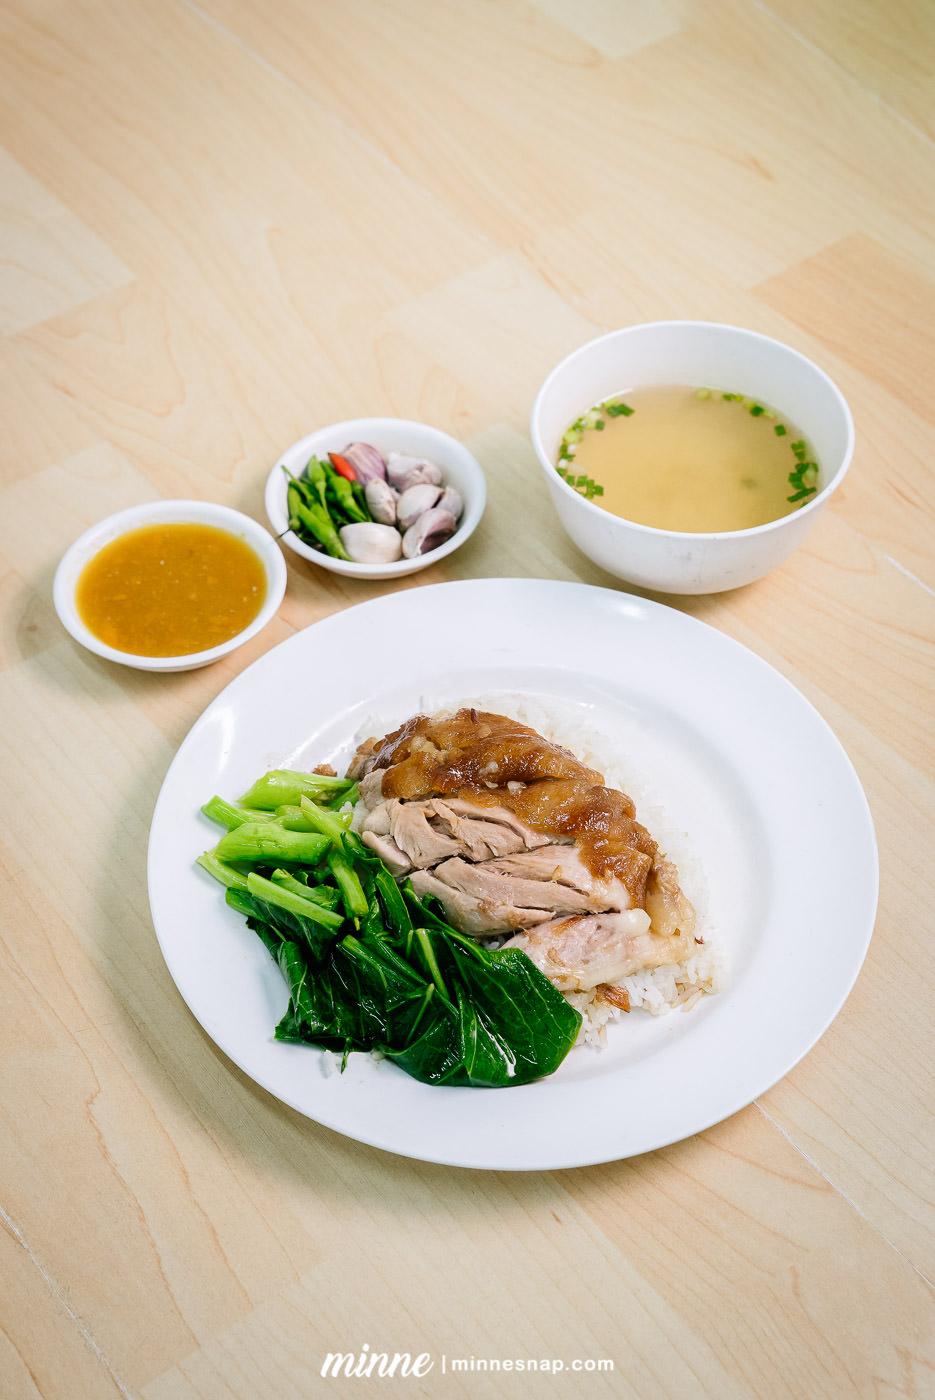 ข้าวมันไก่ไหหลำบางศรีเมือง - Hainanese chicken rice